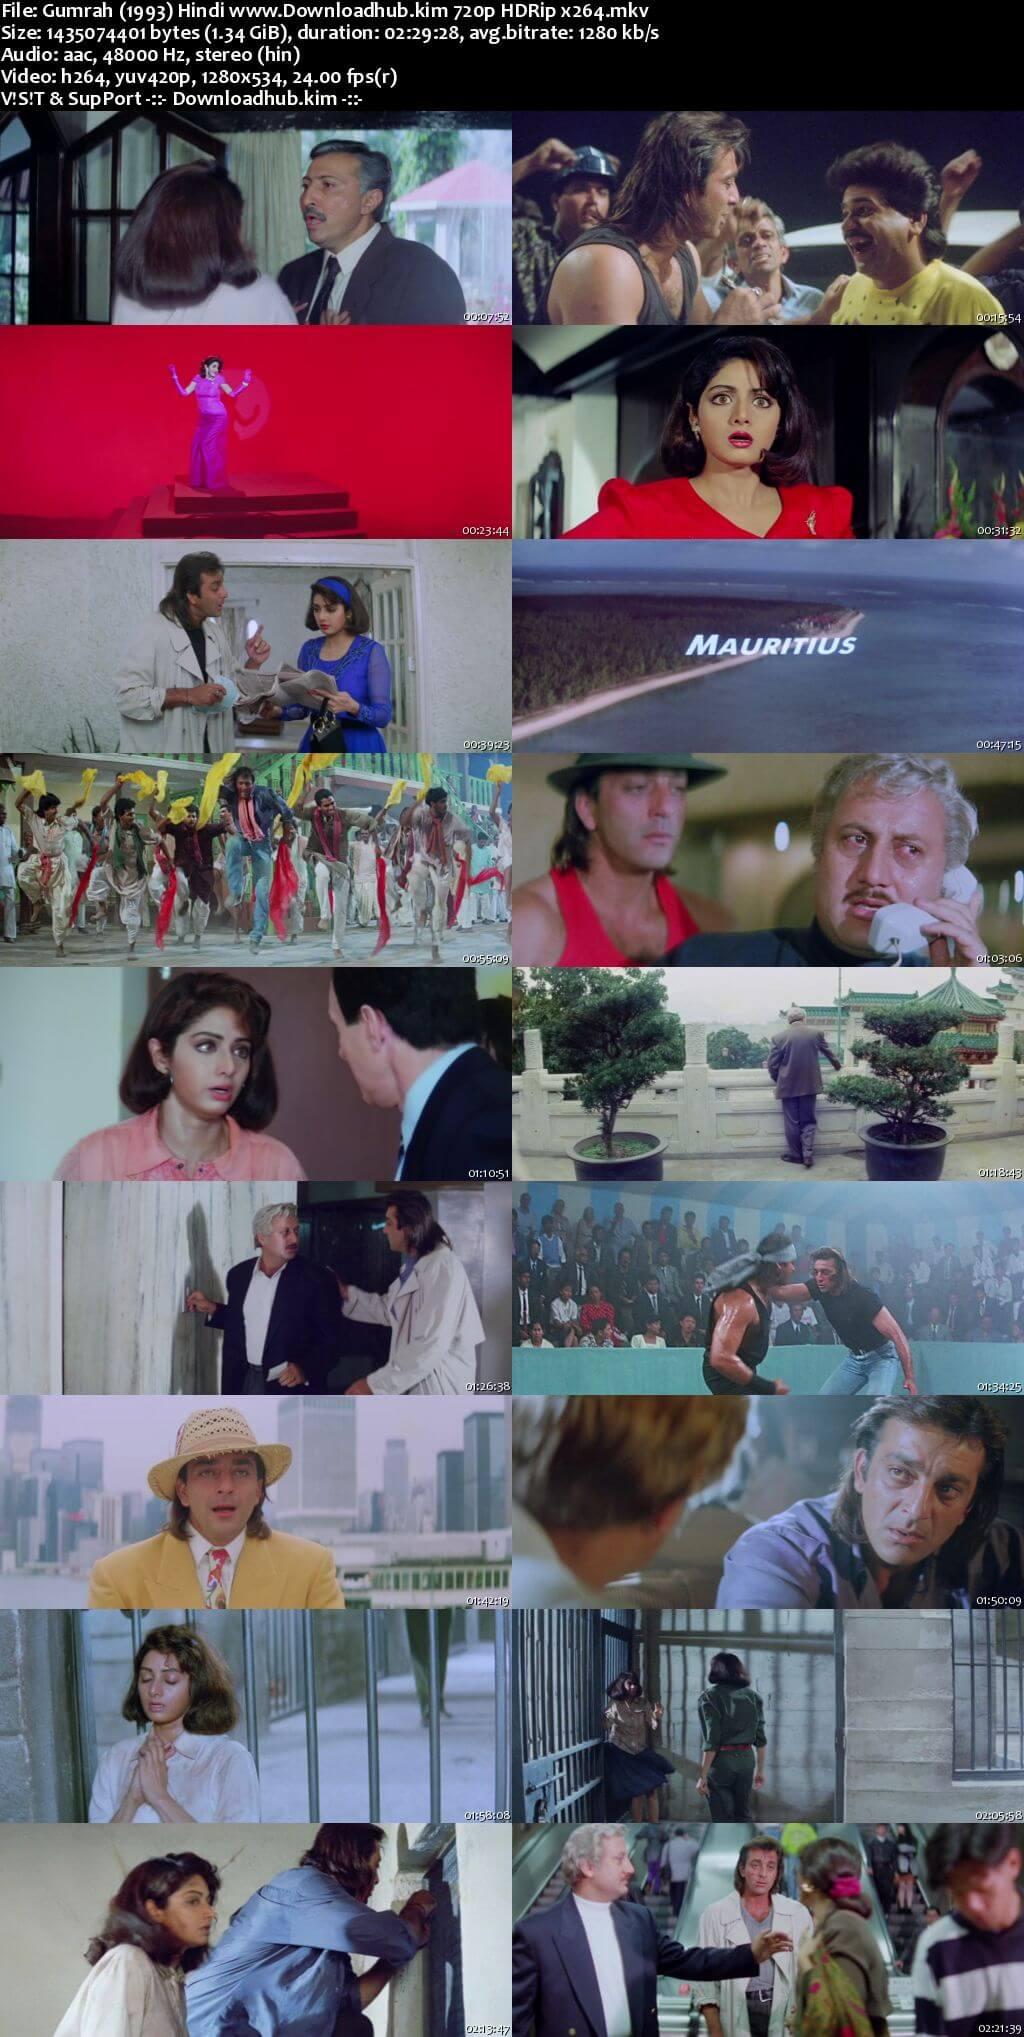 Gumrah 1993 Hindi 720p HDRip x264